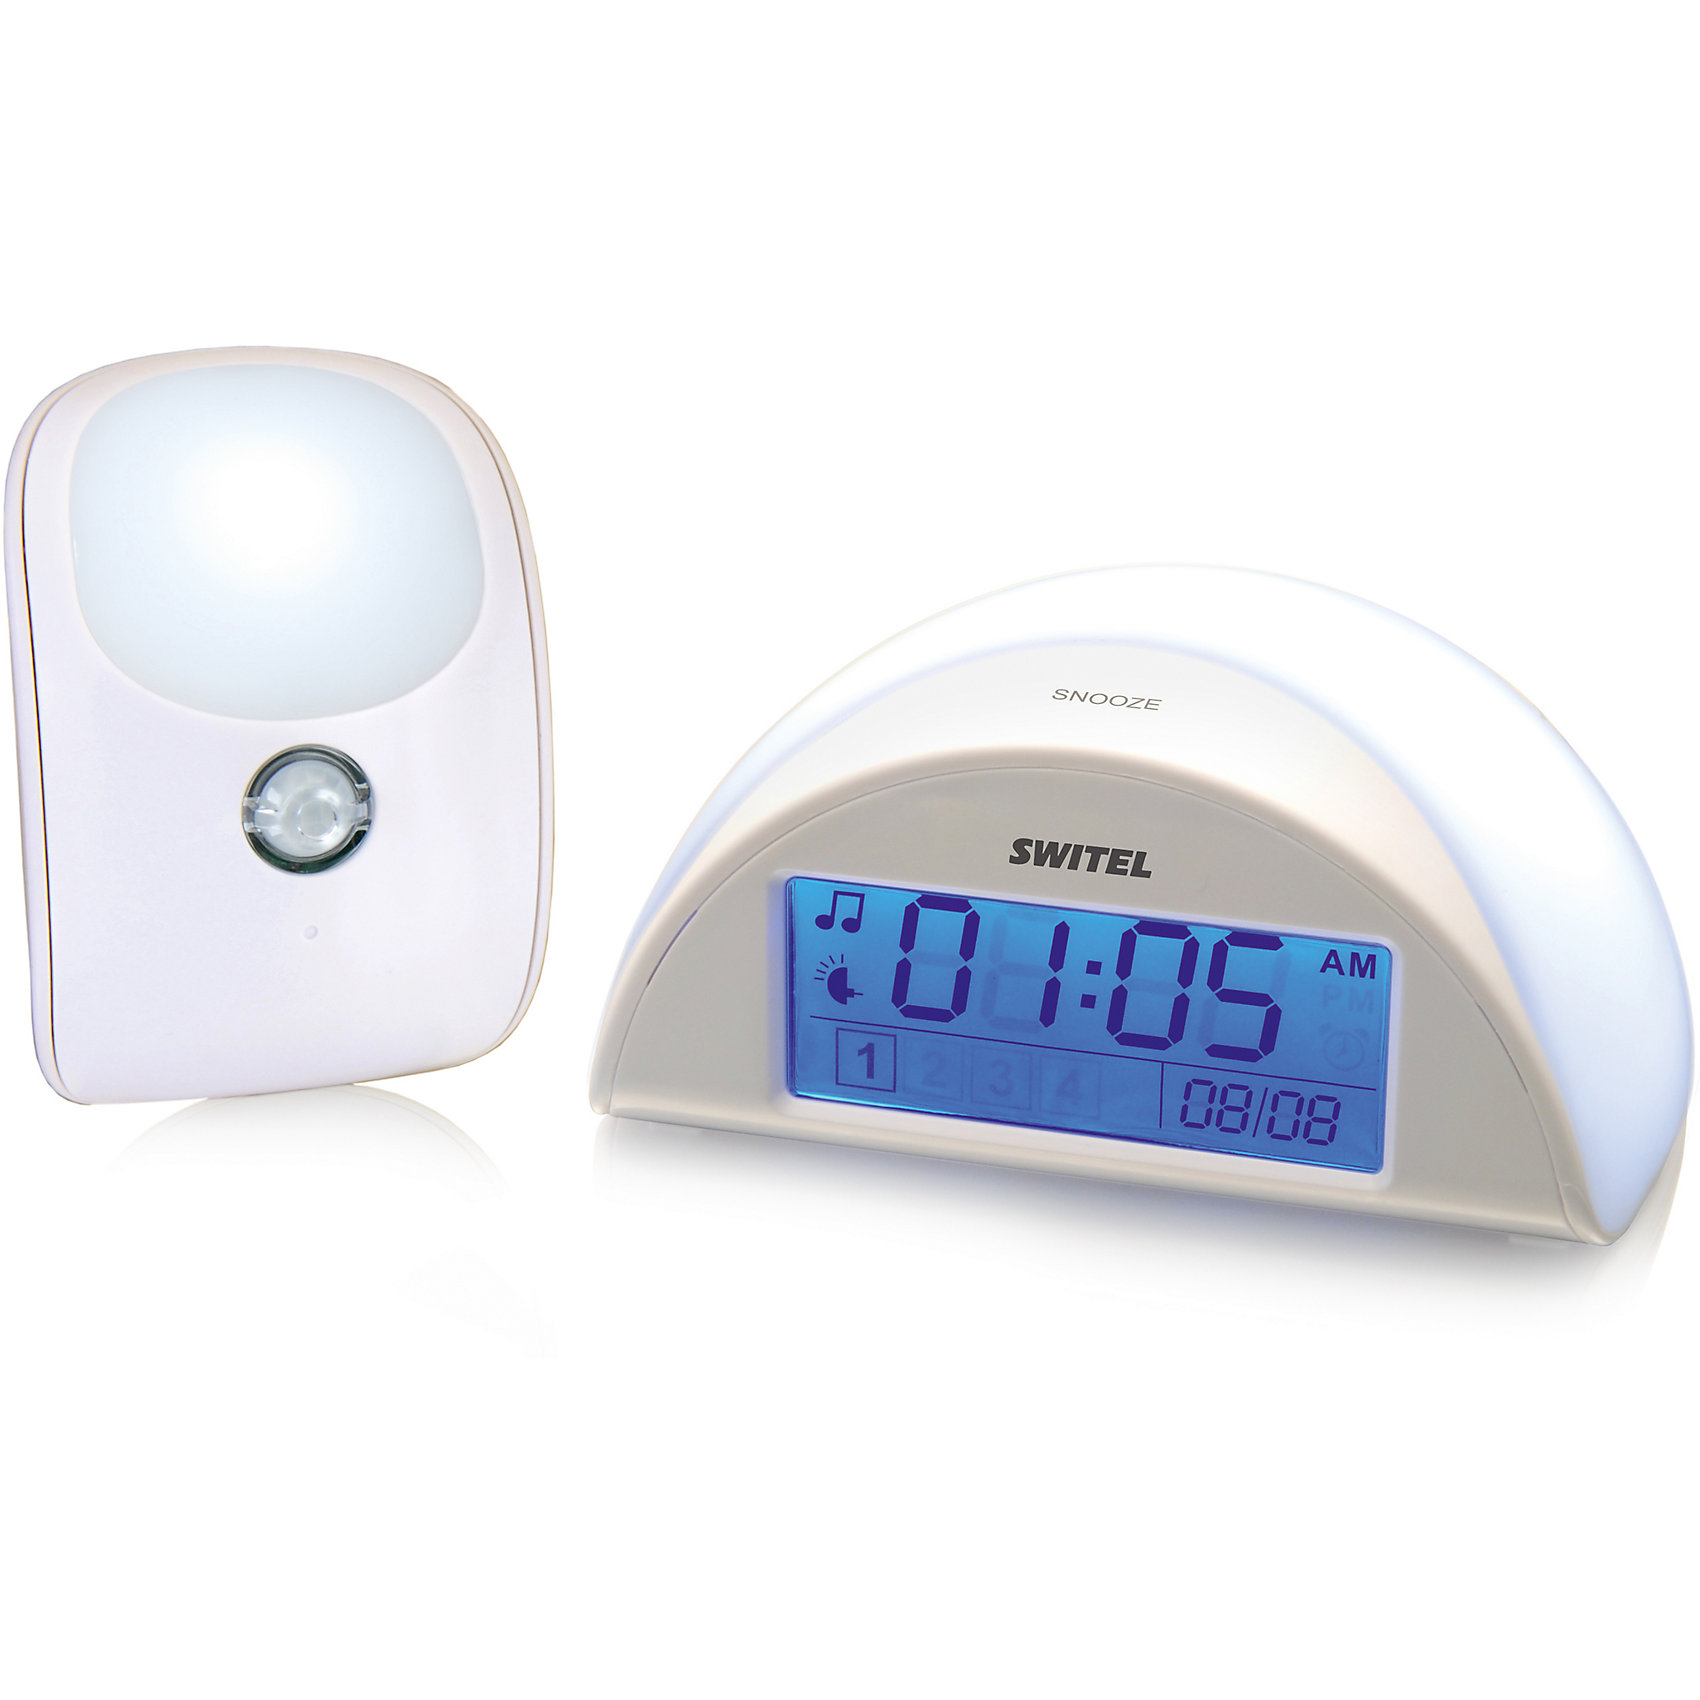 SWITEL Автоматический детский ночник с функцией радионяни BC110, SWITEL ночники pabobo ночник мишка путешественник